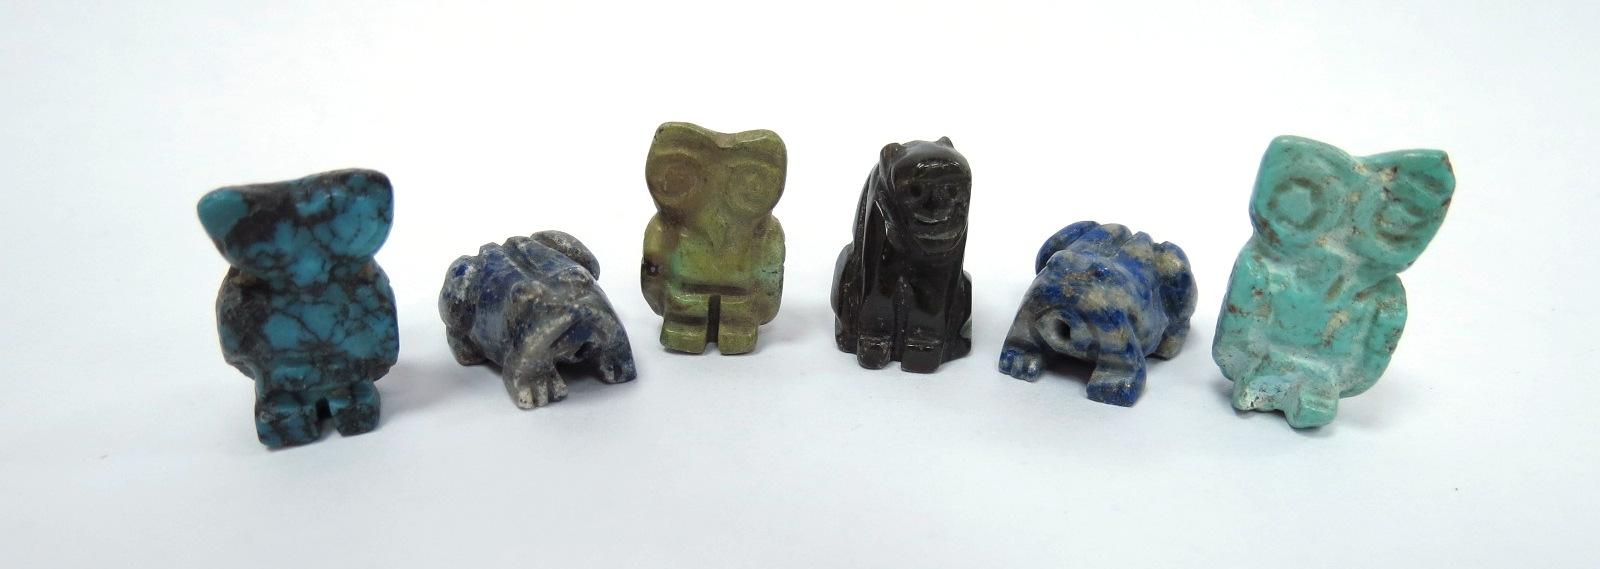 שש עבודות גילוף מאבני חן שונות מיניאטורות, שלושה ינשופים, שני צפרדעים וקוף